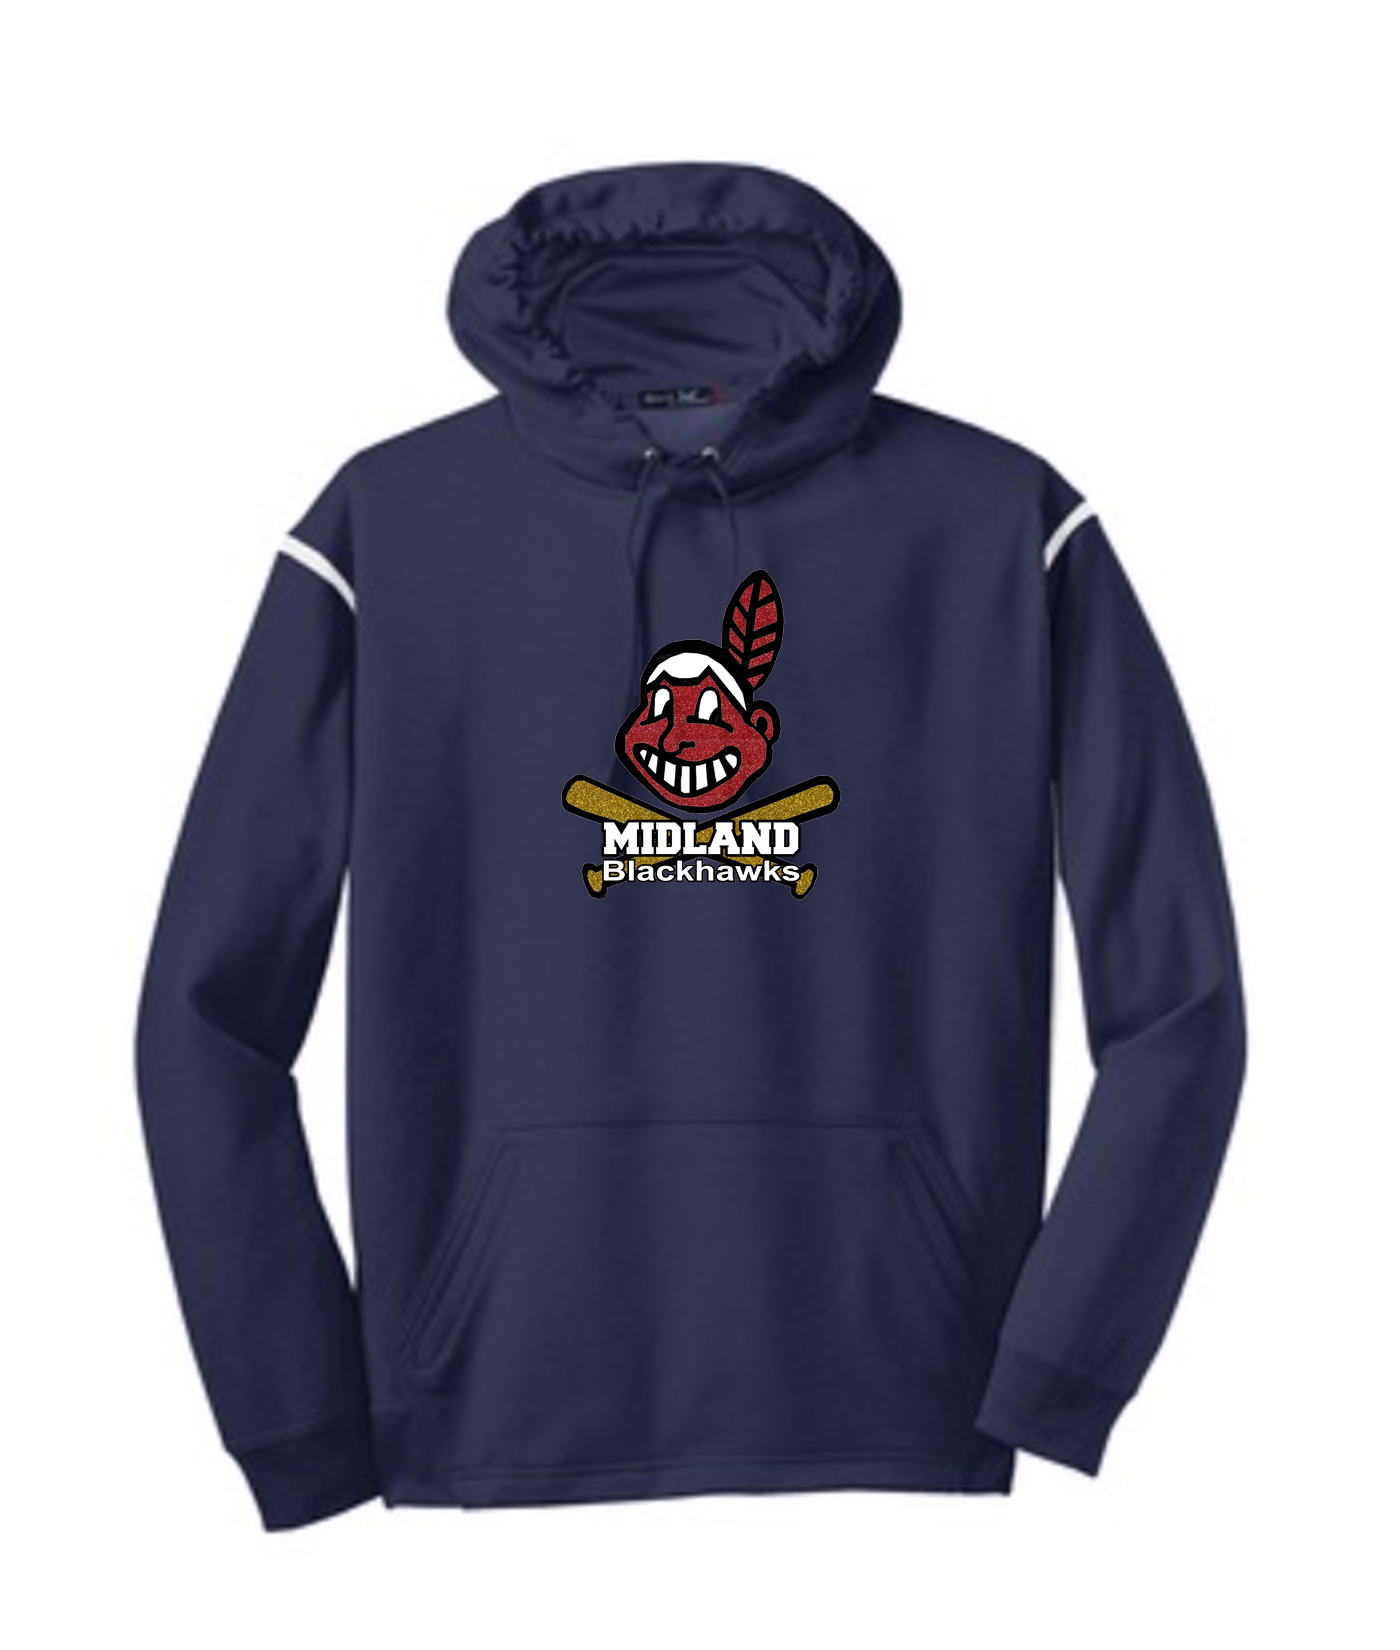 Sport-Tek Navy Tech Fleece Colorblock Hooded Sweatshirt Glitter Giant Blackhawk